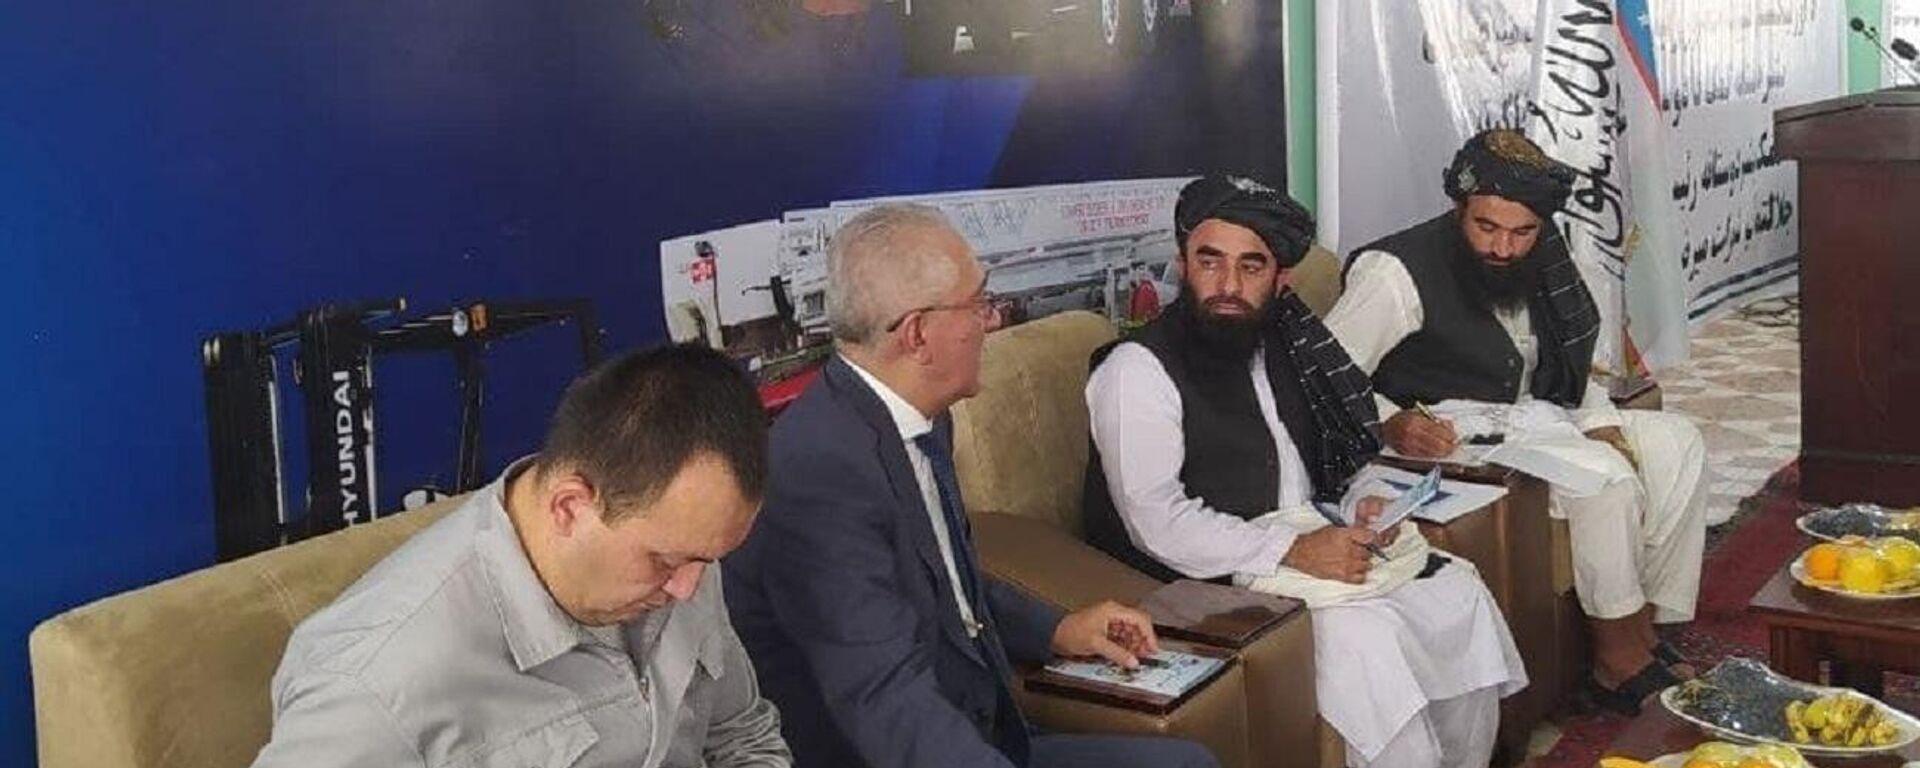 Новое правительство Афганистана выразило благодарность президенту Узбекистана за помощь - Sputnik Ўзбекистон, 1920, 14.09.2021